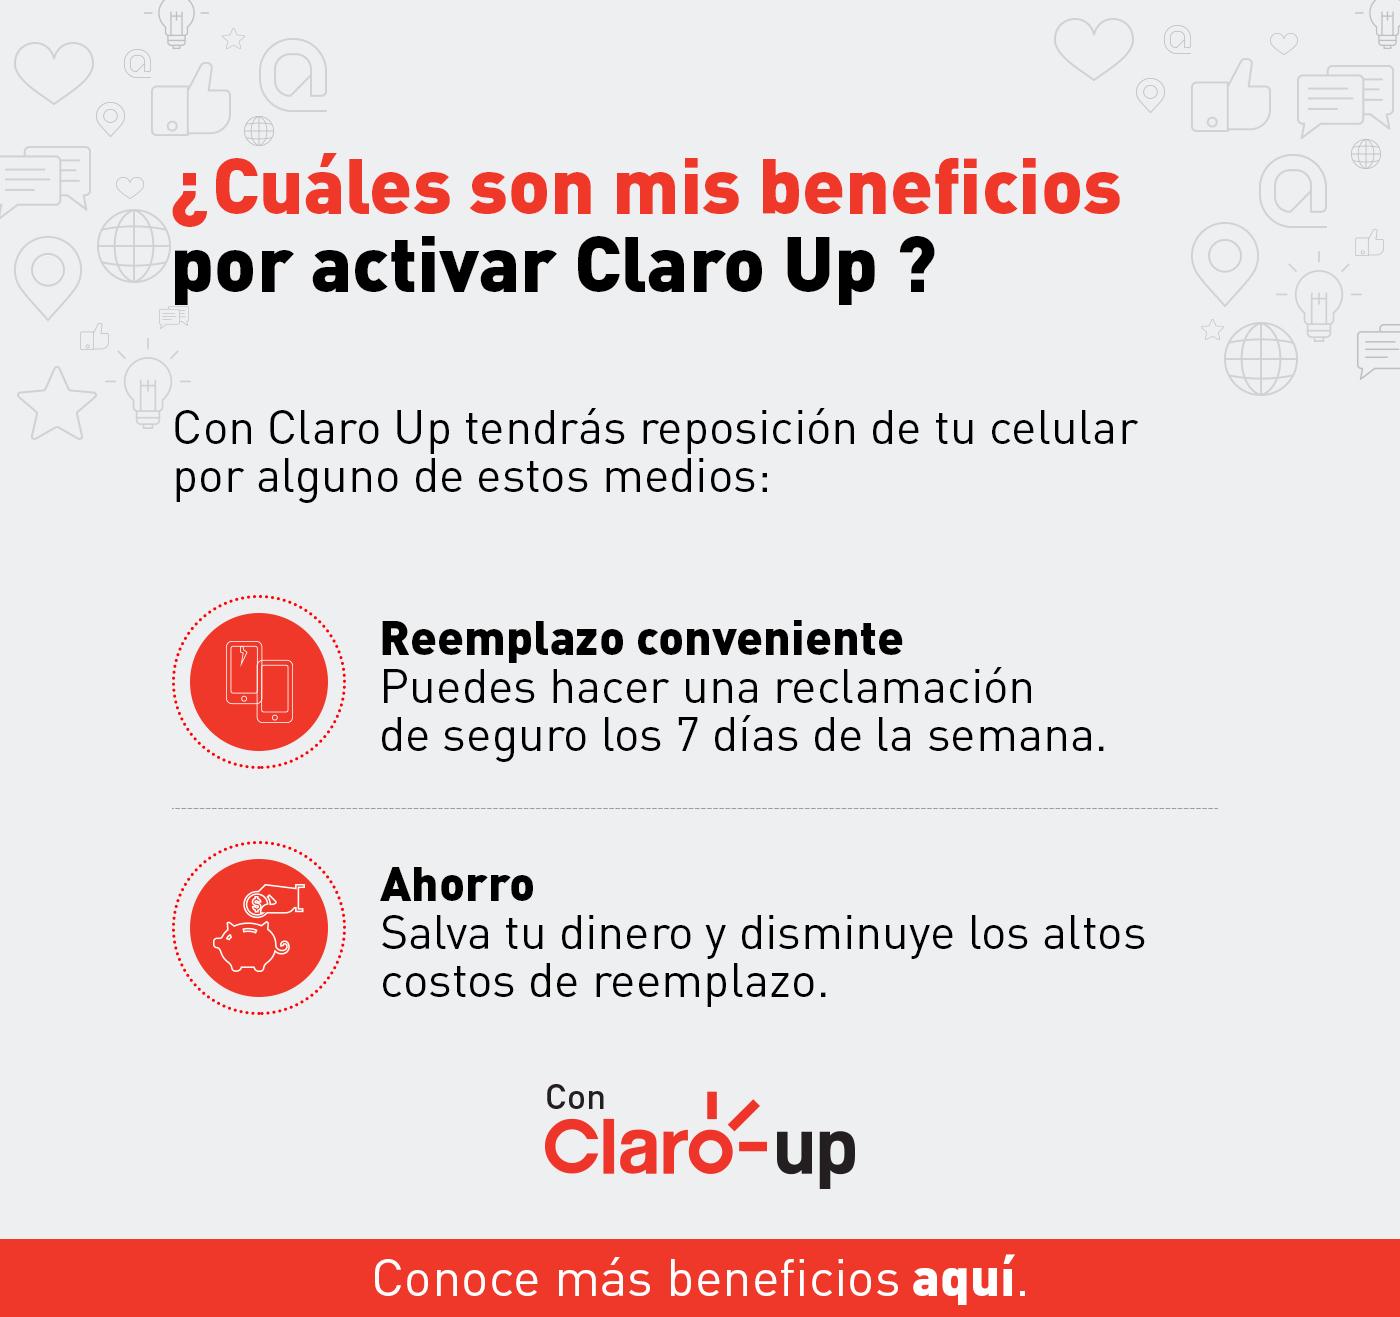 Cuales Son Mis Beneficios Por Activar Claro Up Soporte Te Apoyamos A Resolver Tus Dudas Y Problemas Claro Colombia